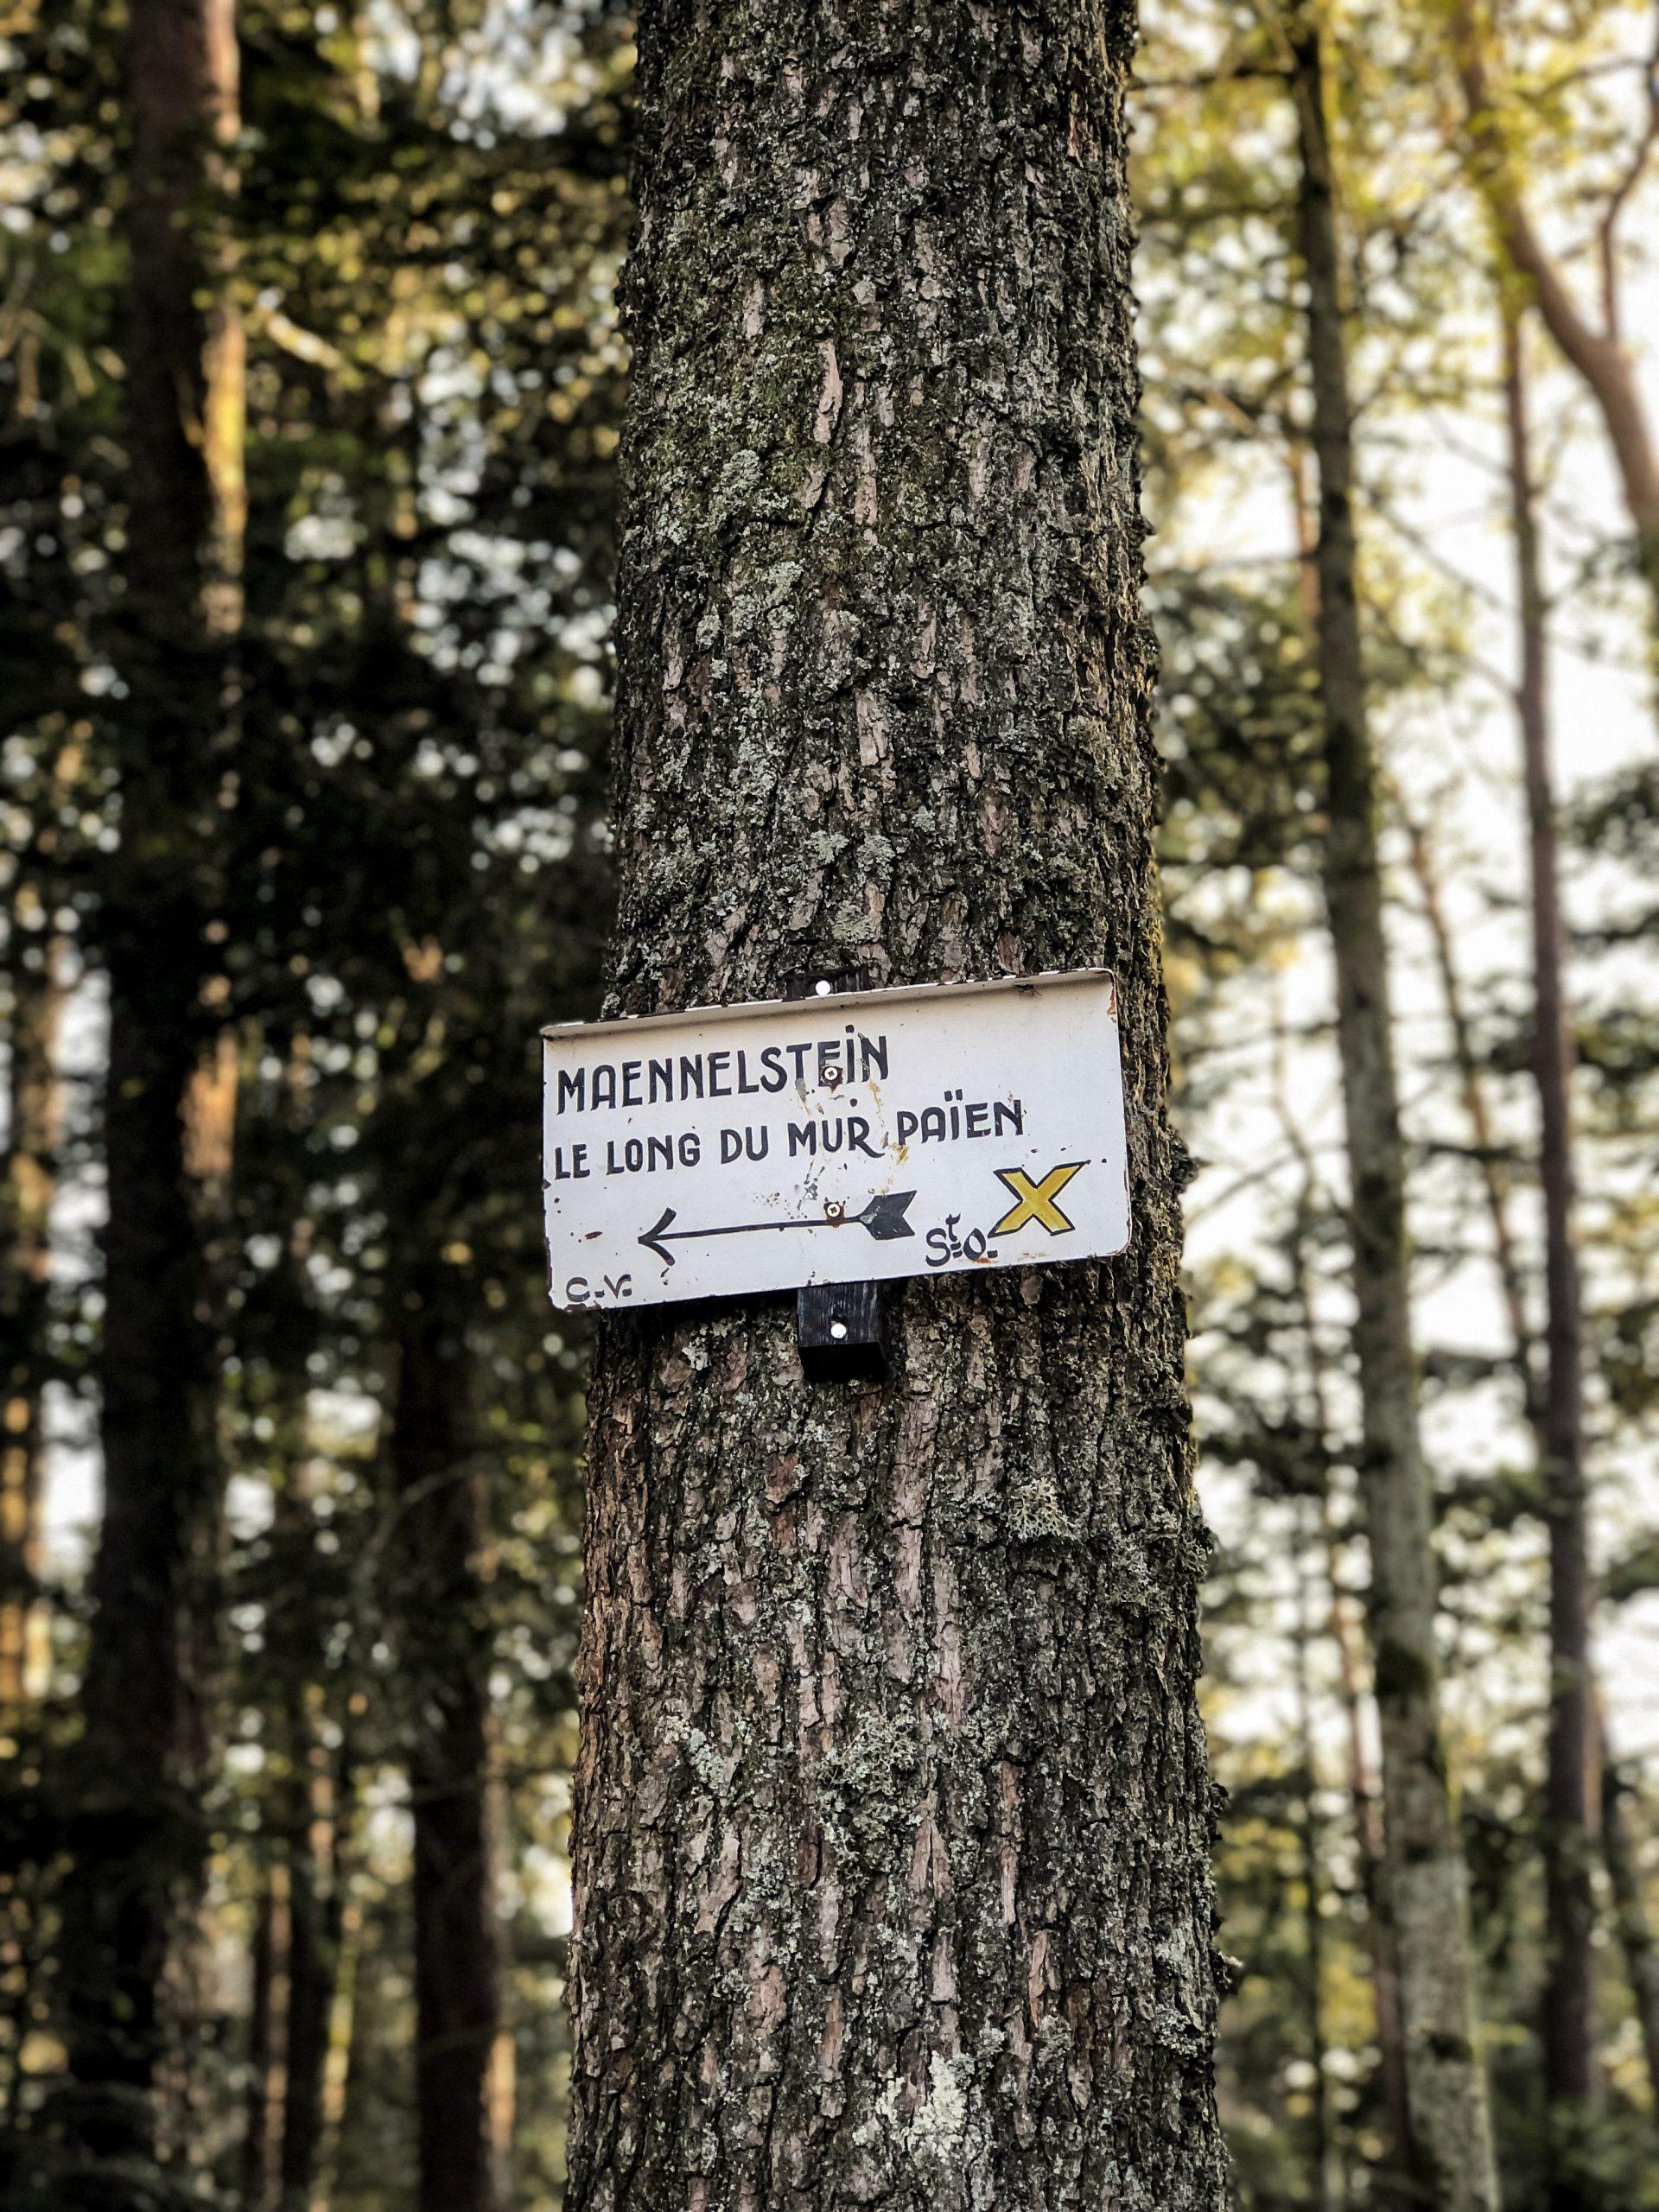 Panneau directionnel du Club Vosgien indiquant le Maennelstein